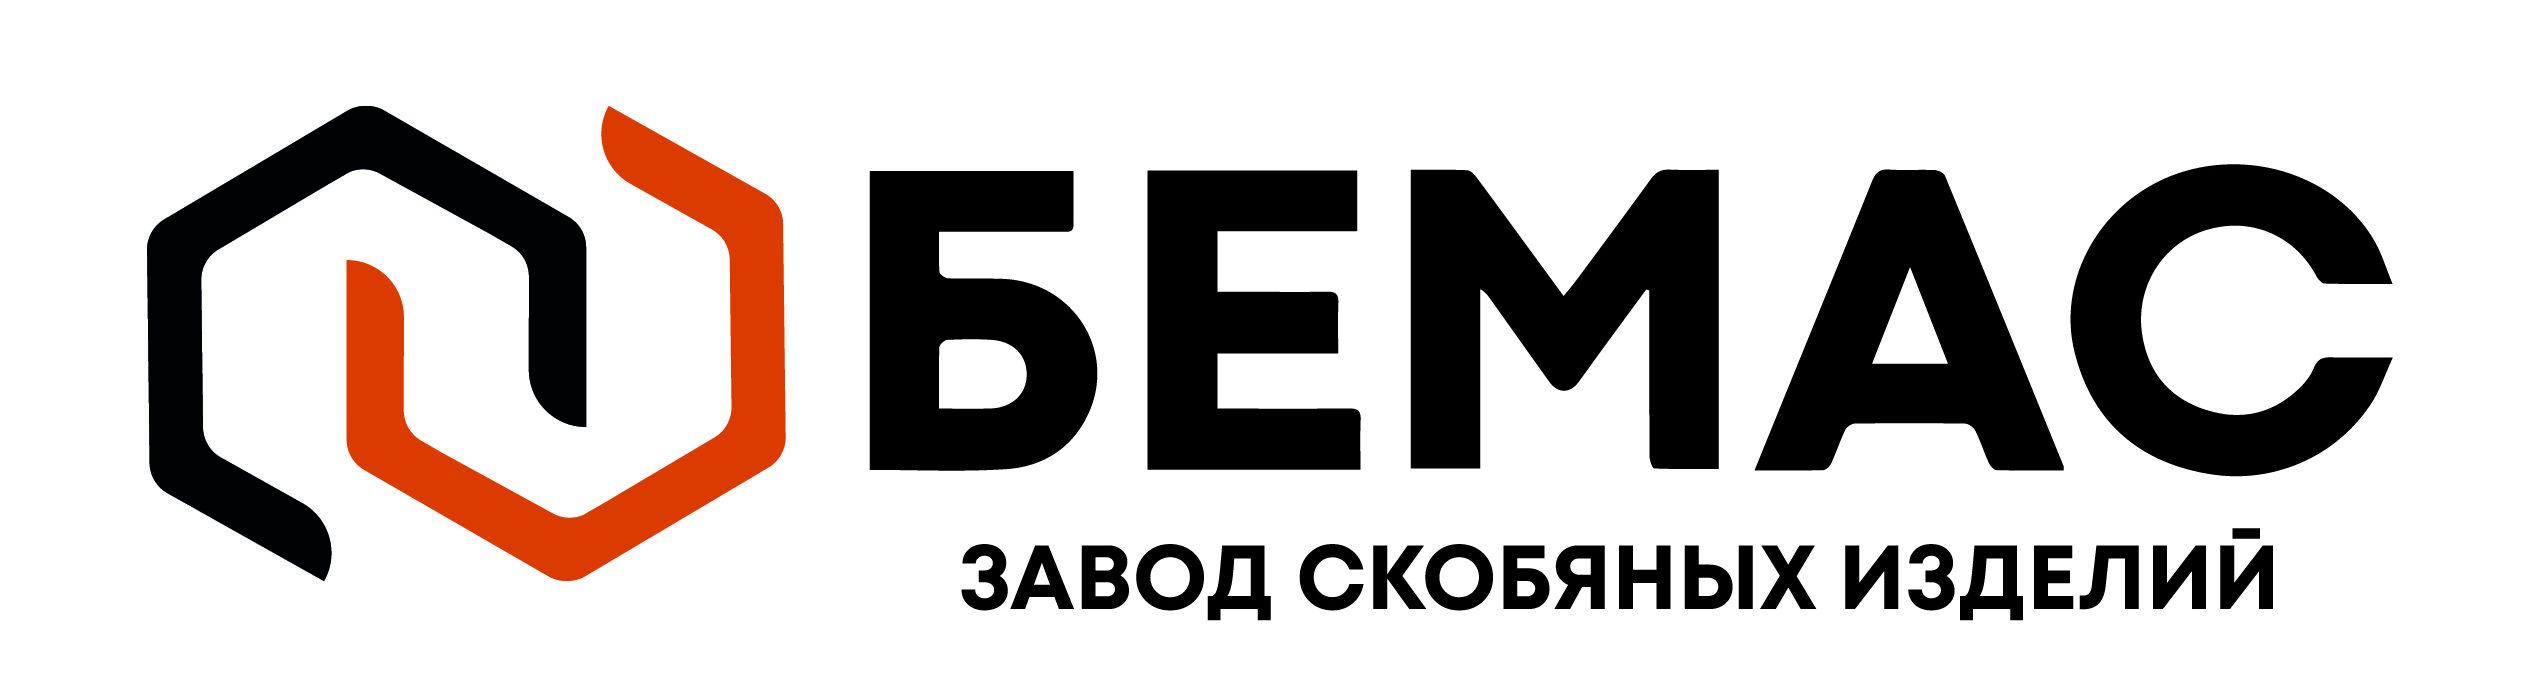 Bemas — интернет магазин замочно-скобяных изделий, кострового оборудования, садово-огородного инвентаря, перфорированного крепежа, хозяйственные товары оптом, Туризм, отдых, рыбалка , Инвентарь и другие товары Отопительное оборудование, Услуги металлообработки